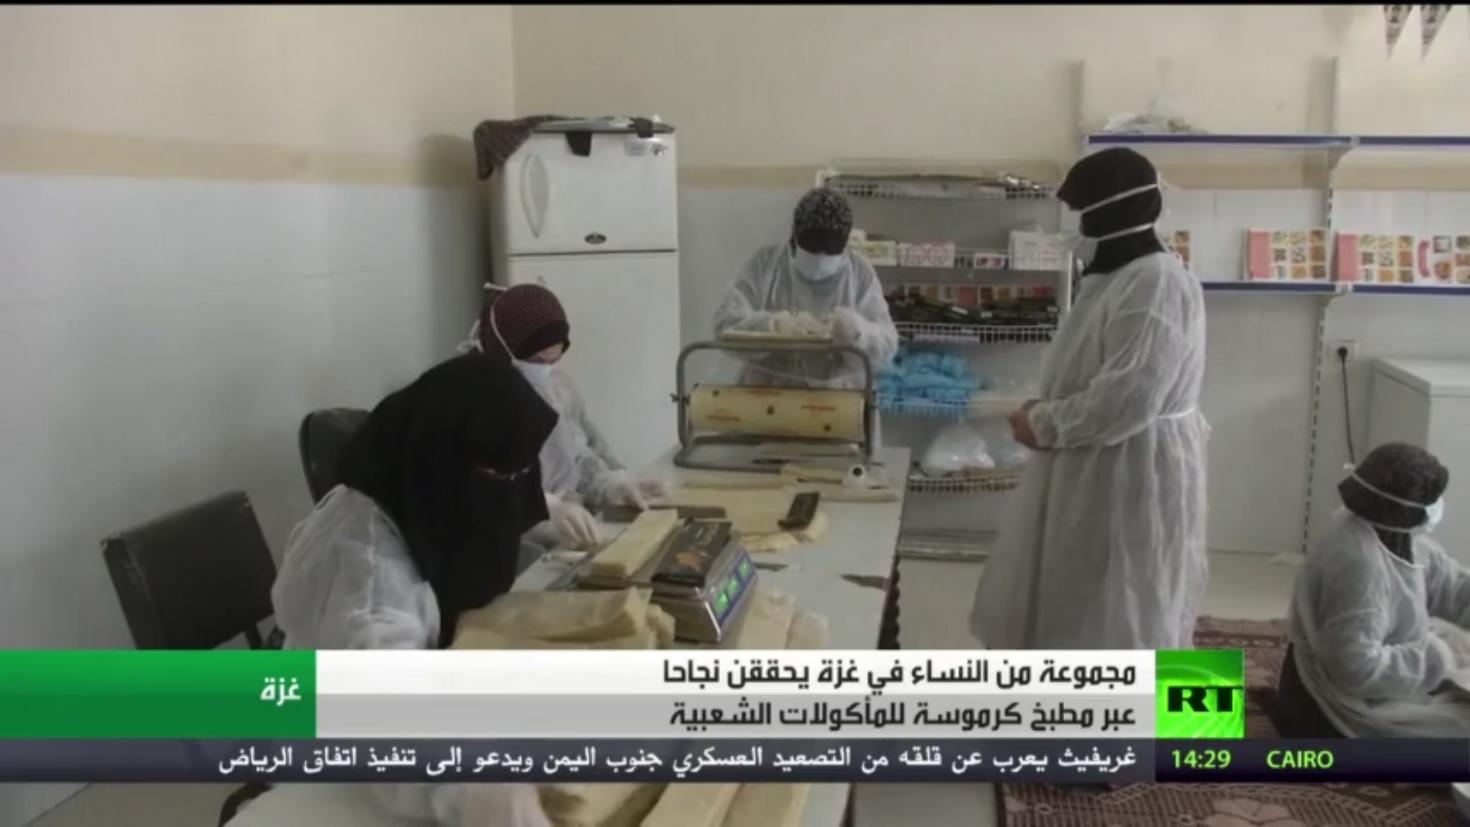 مطبخ كرموسة قصة نجاح نساء من غزة